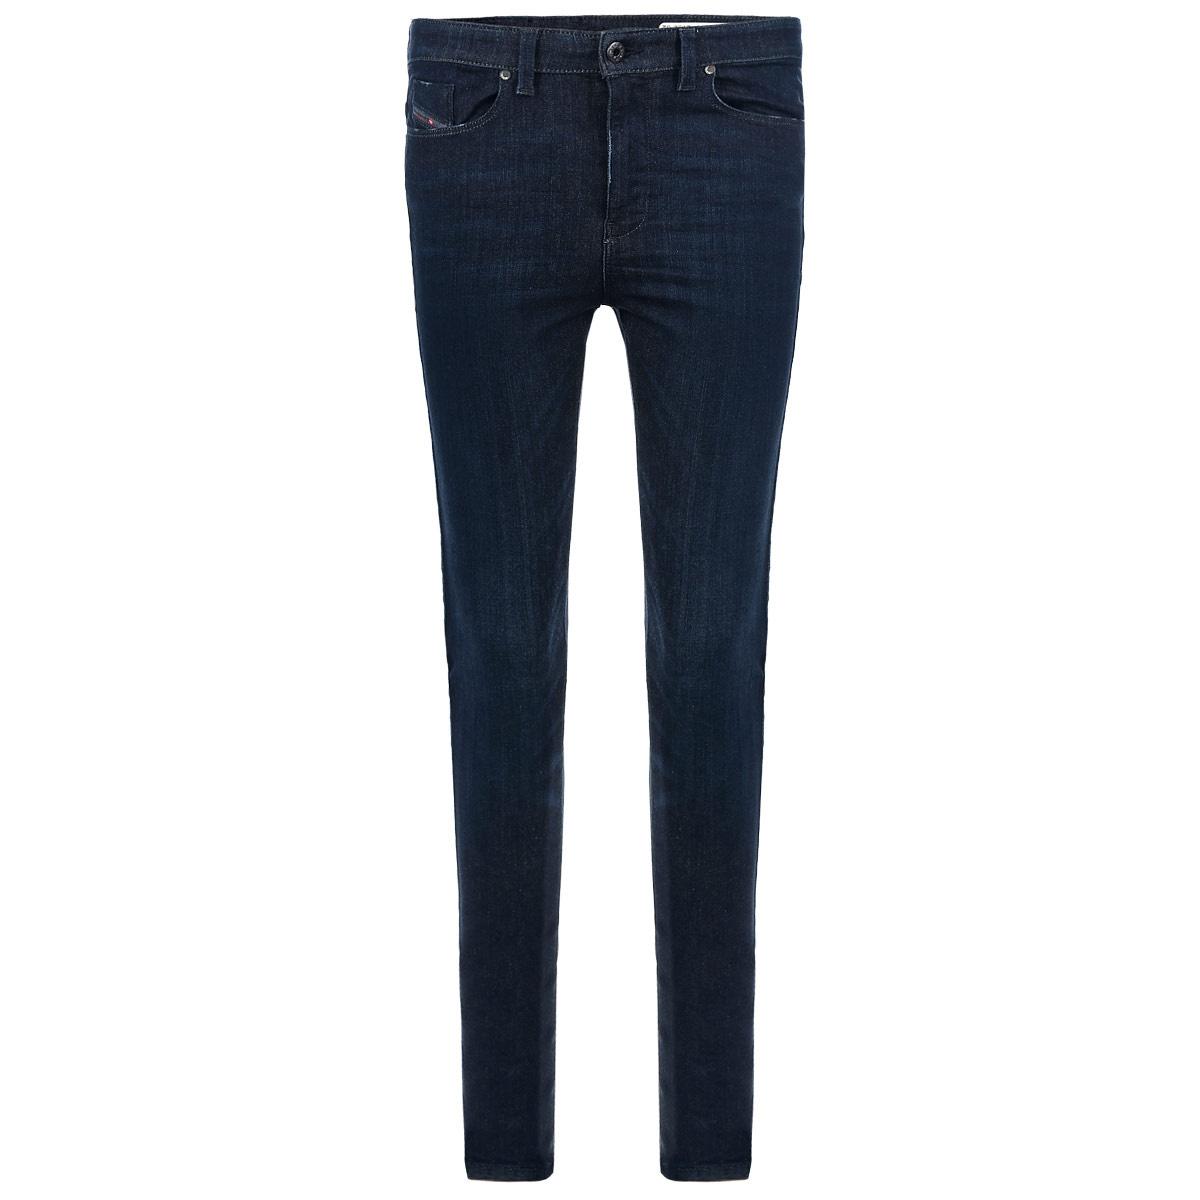 Джинсы женские Skinzee-High. 00S54V-0843F/0100S54V-0843F/01Стильные женские джинсы Diesel Skinzee-High созданы специально для того, чтобы подчеркивать достоинства вашей фигуры. Изделие выполнено из плотного хлопка с небольшим добавлением полиэстера и эластана. Модель суперзауженного кроя и высокой посадки станет отличным дополнением к вашему современному образу. Джинсы застегиваются на пуговицу в поясе и ширинку на застежке-молнии, имеются шлевки для ремня. Модель имеет классический пятикарманный крой: спереди модель оформлены двумя втачными карманами и одним маленьким накладным кармашком, а сзади - двумя накладными карманами. Эти модные и в тоже время комфортные джинсы послужат отличным дополнением к вашему гардеробу.